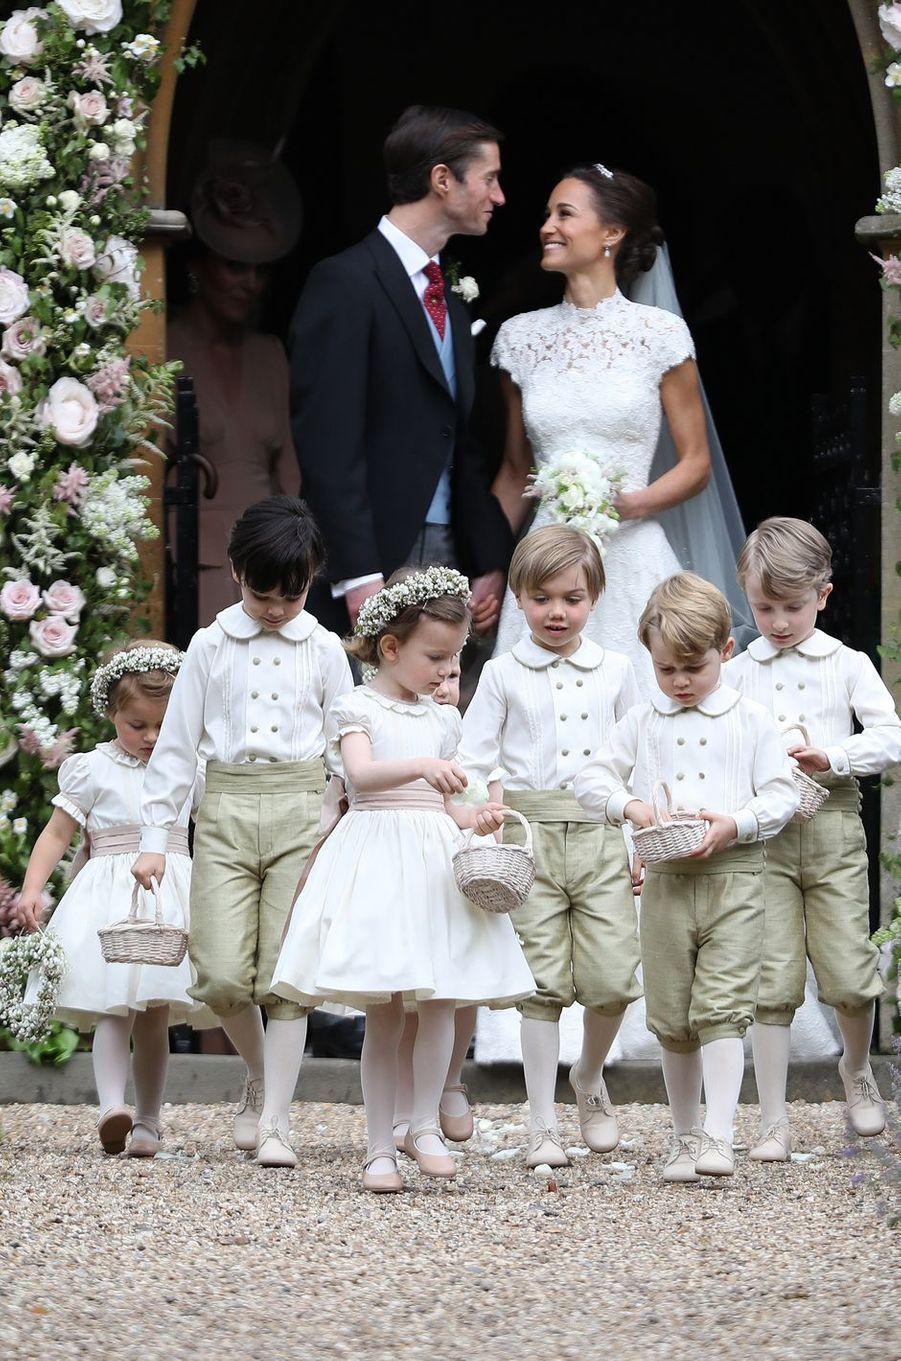 Pippa Middleton et James Matthews, le jour de leur mariage, le 20 mai 2017 à Englefield, avec le prince George et la princesse Charlotte de Cambridge